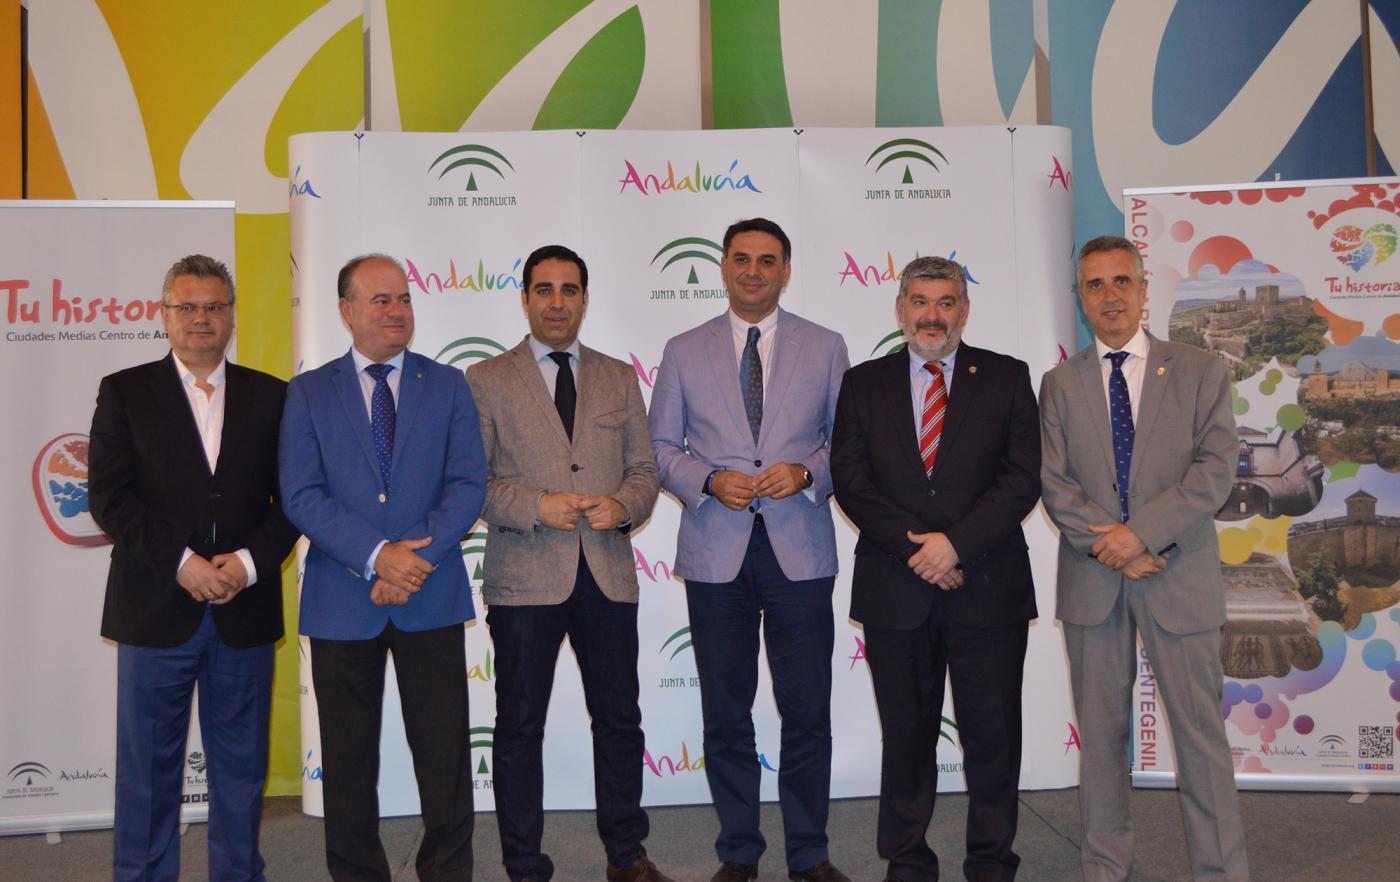 """La marca turística """"Tu Historia"""" ha obtenido el Premio Andalucía de Turismo 2017, en la categoría de"""